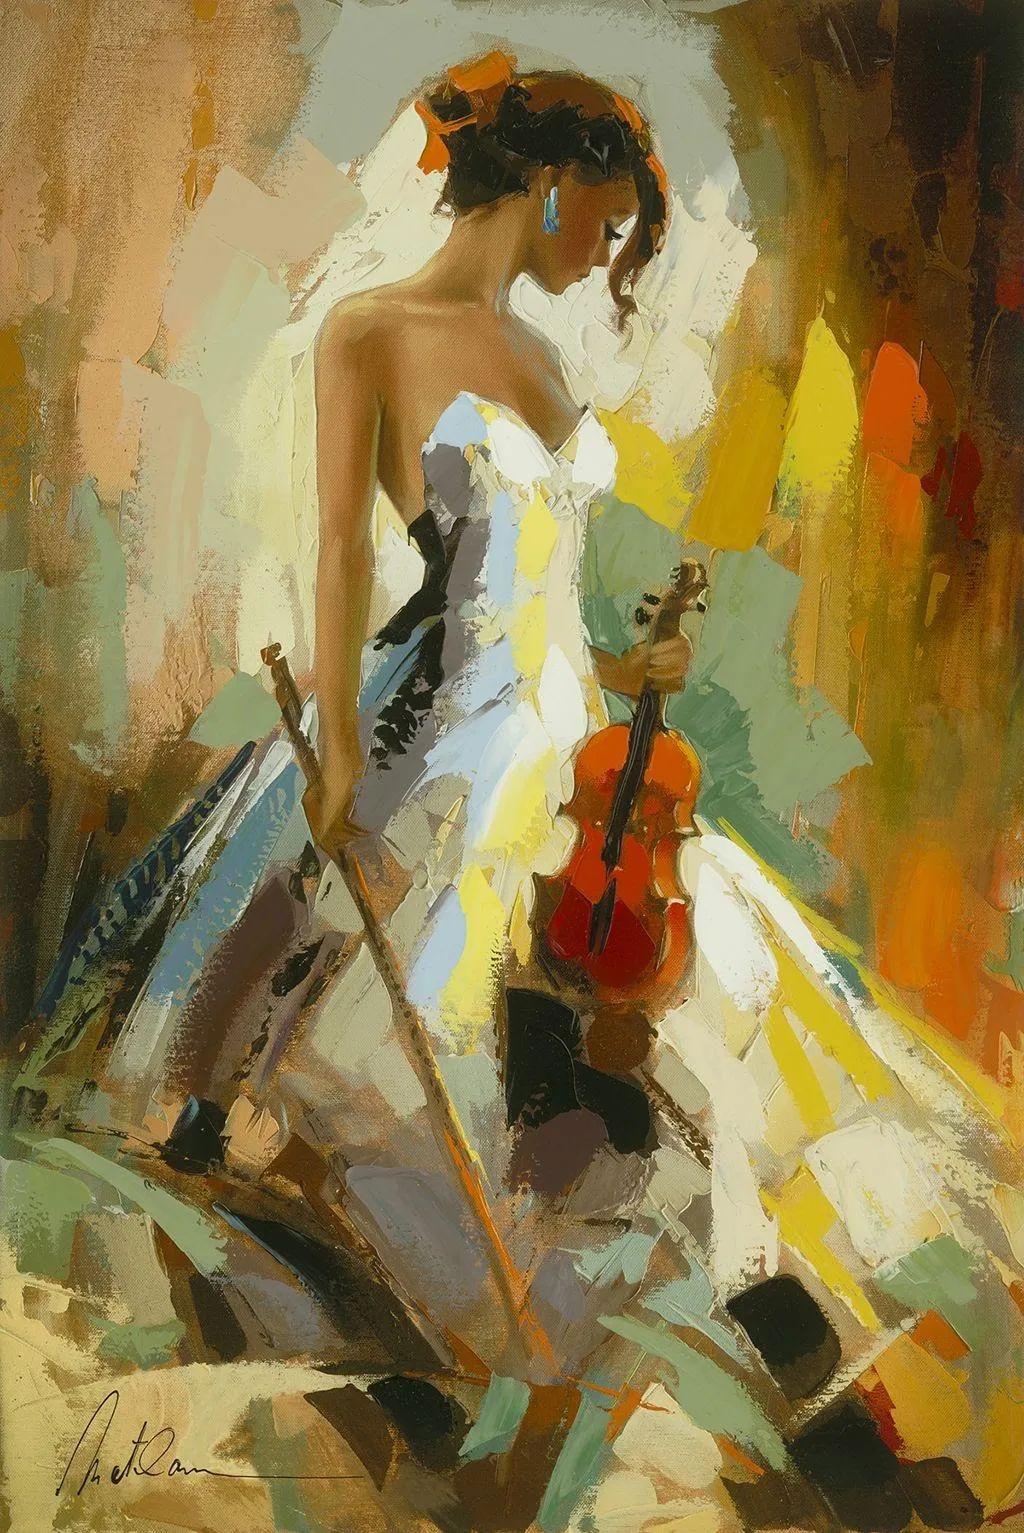 捕捉舞者的瞬间,色彩丰富表现力强!乌克兰画家阿纳托利·梅特兰插图43